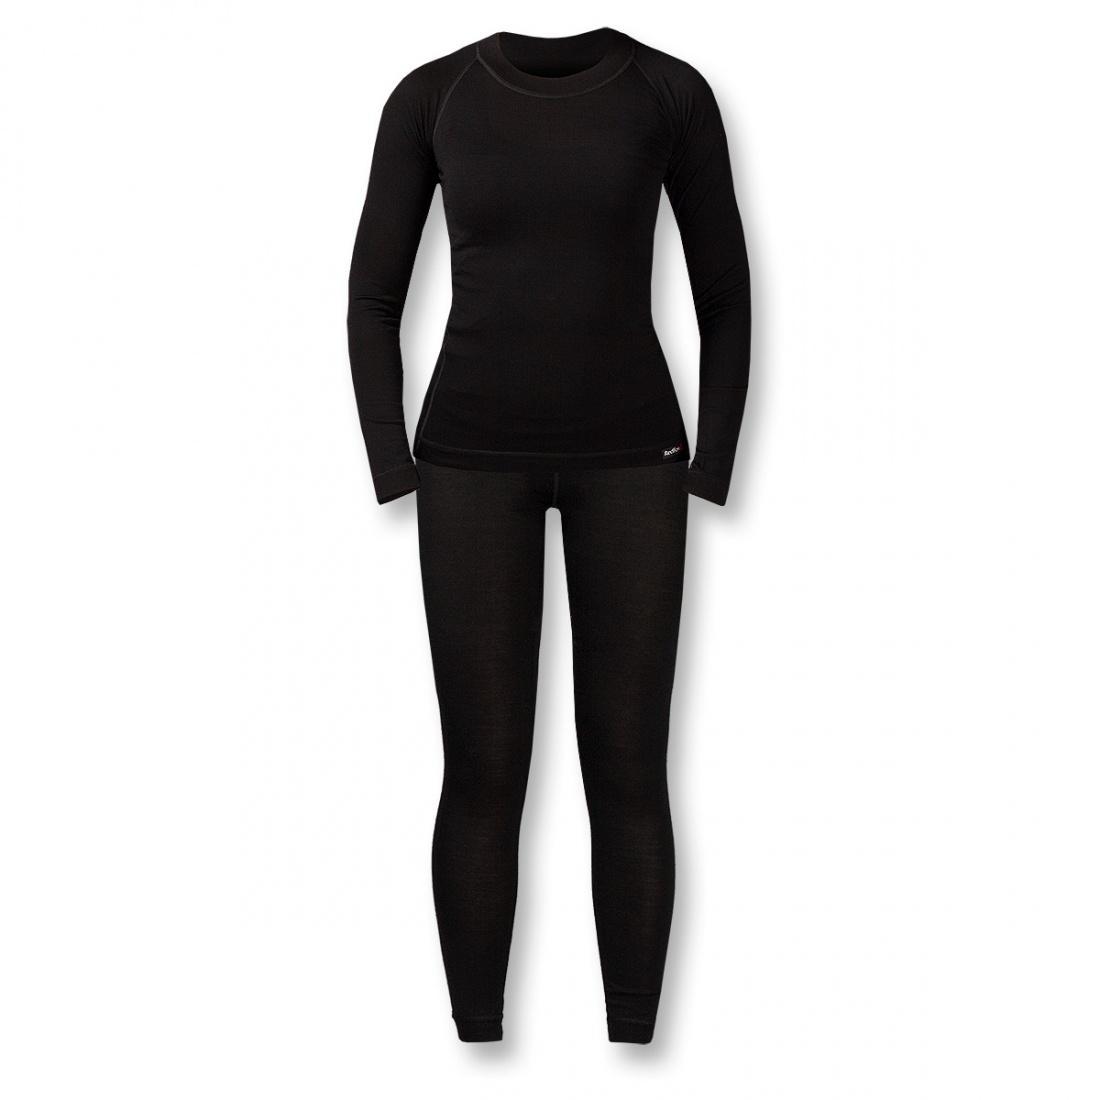 Термобелье костюм Wool Dry Light ЖенскийКомплекты<br><br> Тончайшее термобелье для женщин из мериносовой шерсти: оно достаточно теплое и пуловер можно носить как самостоятельный элемент одежды.В качестве базового слоя костюм прекрасно подходит для занятий спортом в холодную погоду зимой.<br><br><br> Ос...<br><br>Цвет: Черный<br>Размер: 46